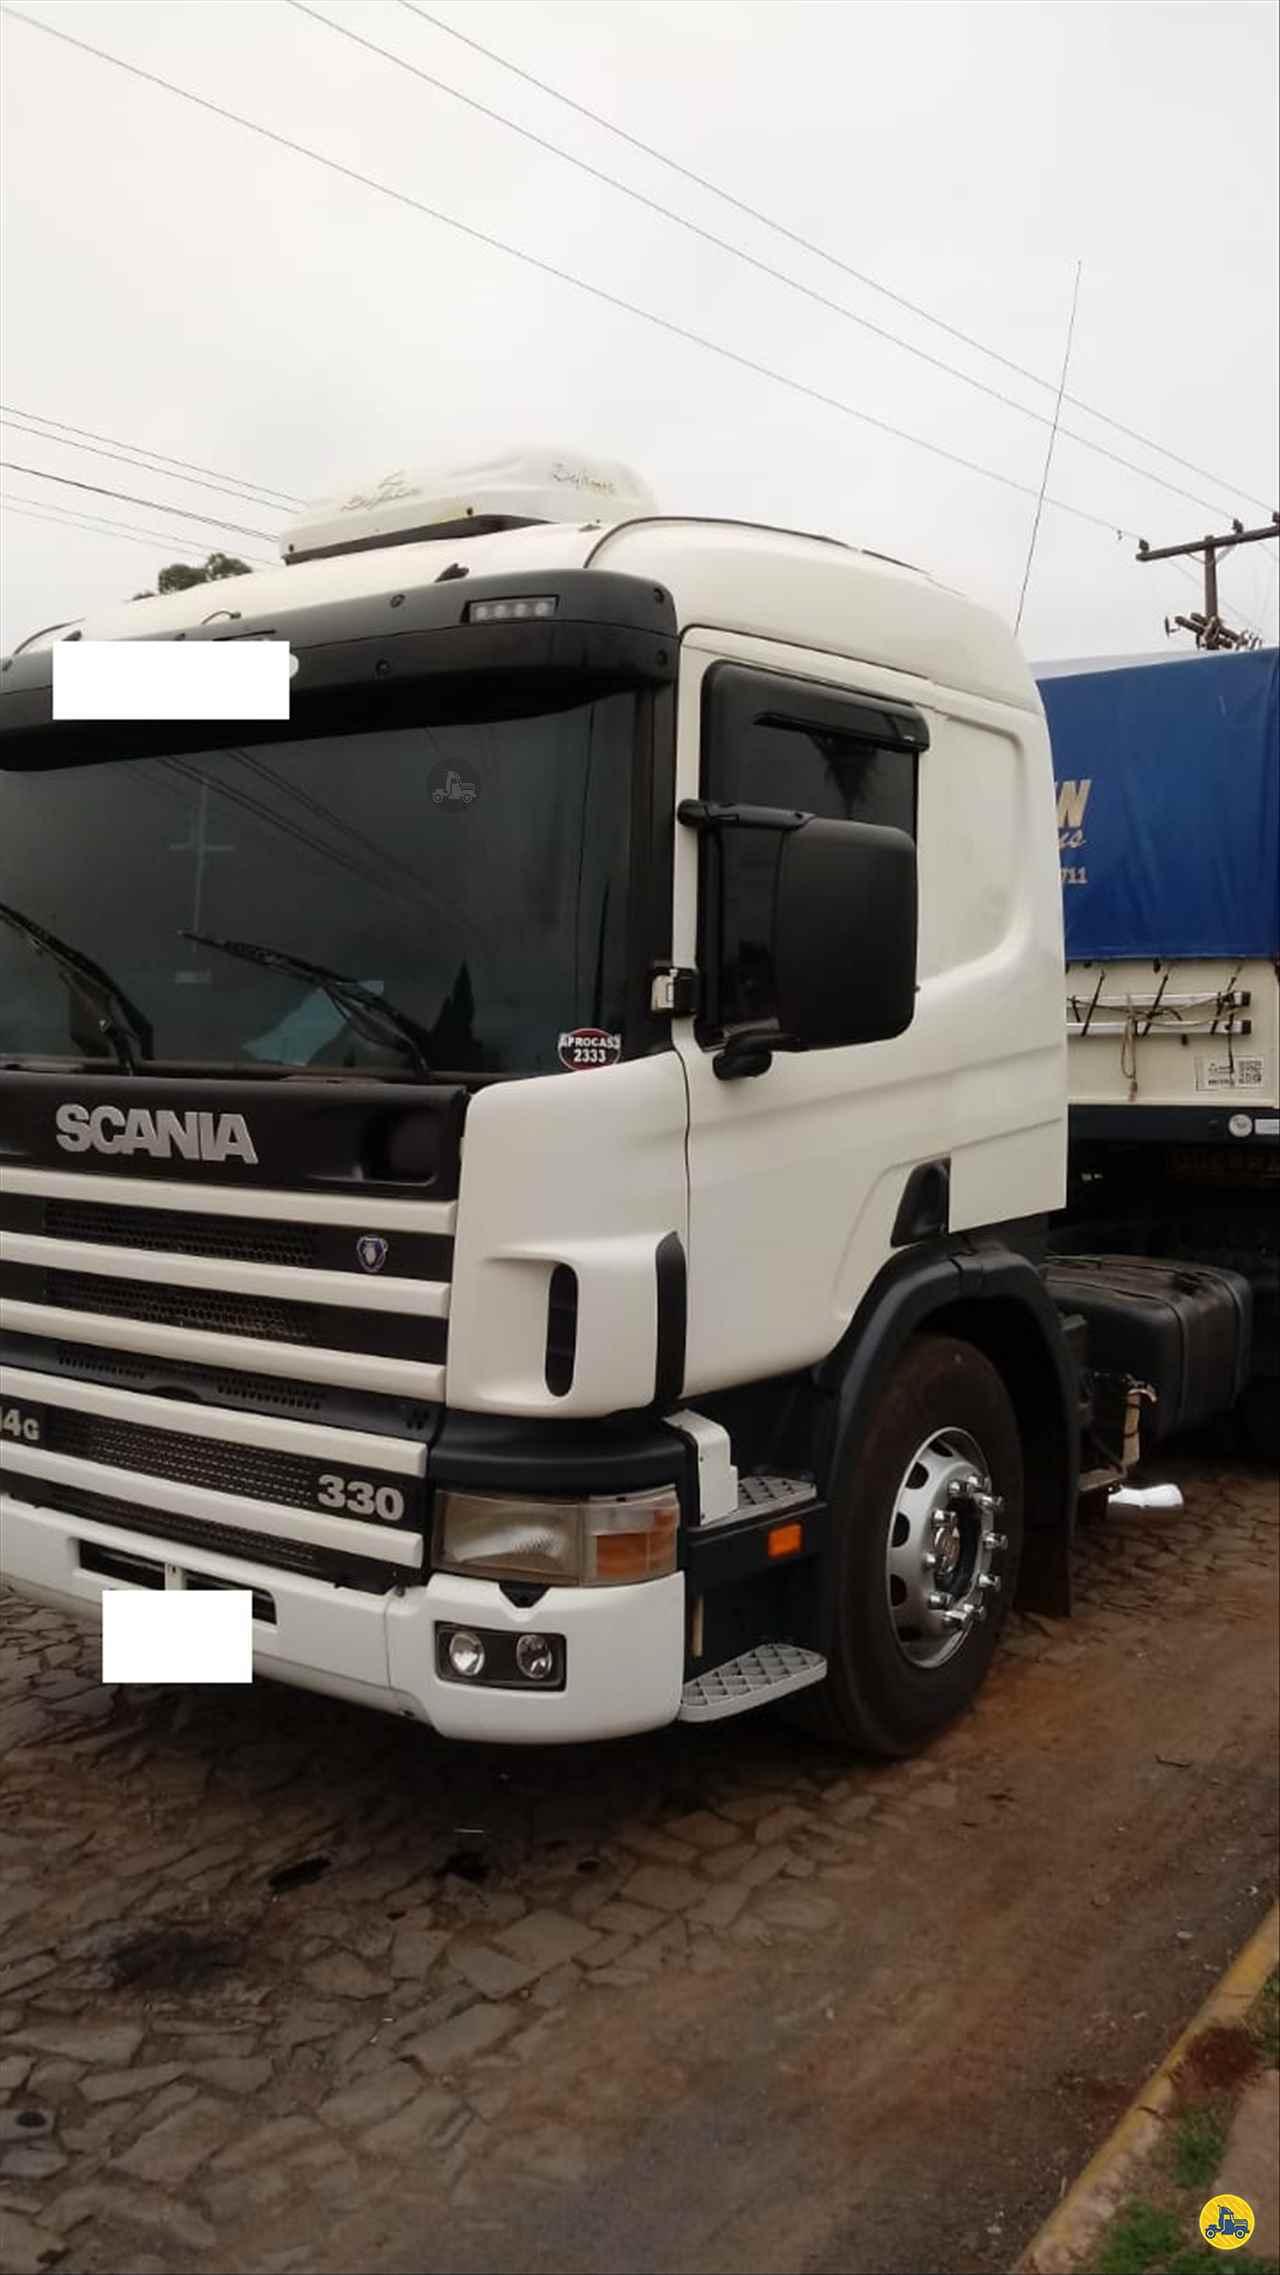 CAMINHAO SCANIA SCANIA 114 330 Graneleiro Truck 6x2 Transmap Caminhões SANTA ROSA RIO GRANDE DO SUL RS